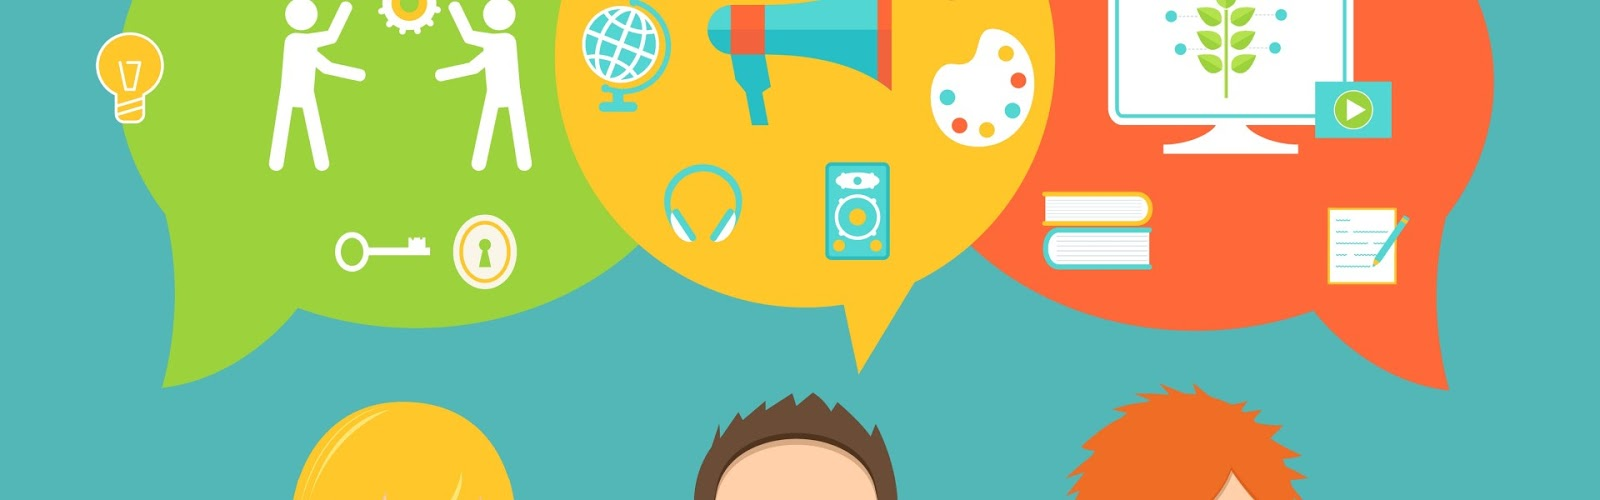 كيف تضع خطة لتعلم مهارة جديدة على الإنترنت ؟